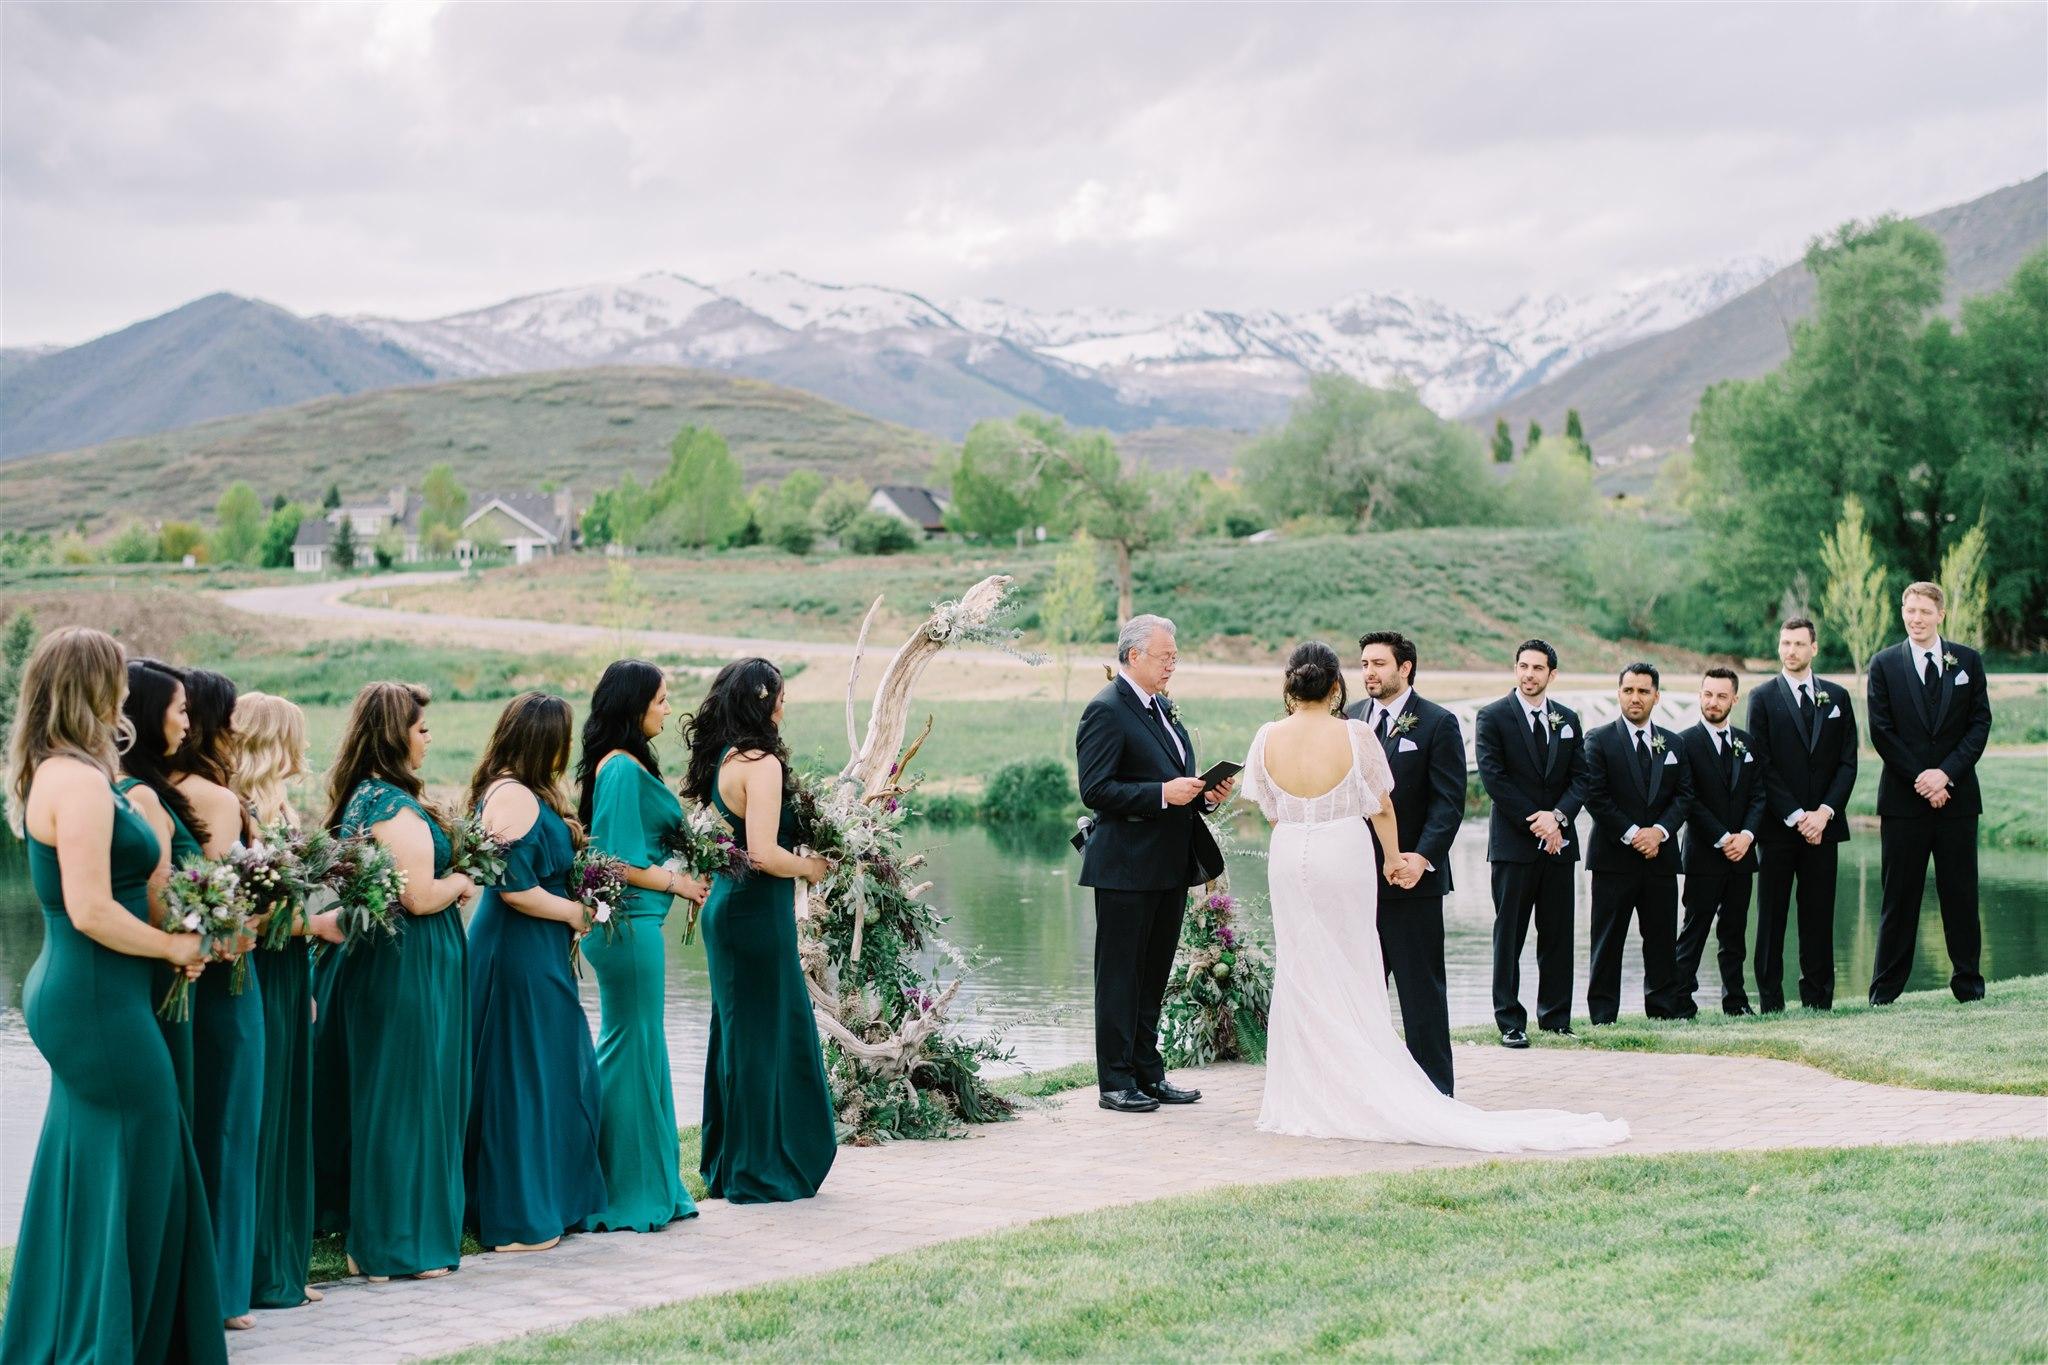 heidi_michael_wedding_05611.jpg